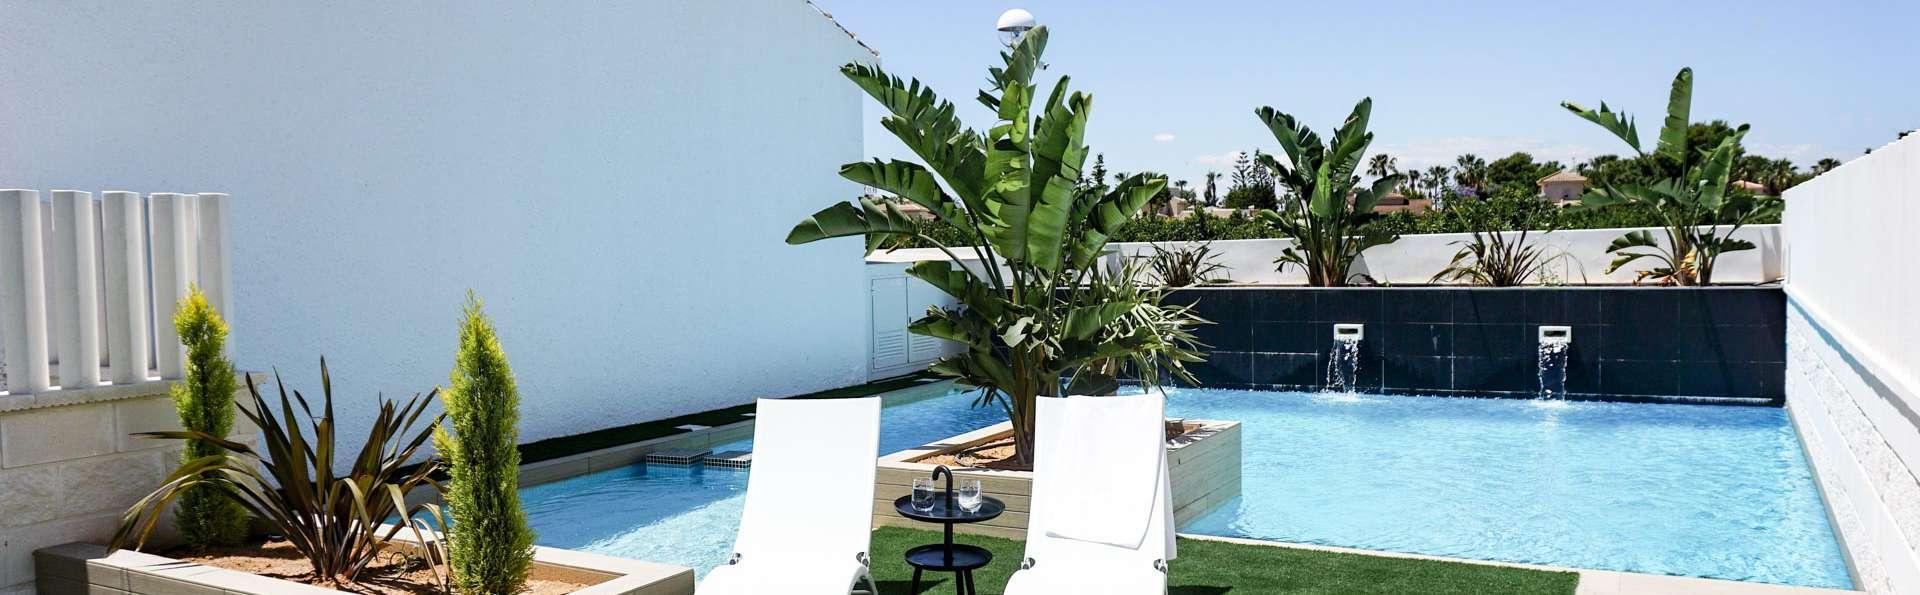 Vive una escapada inolvidable en estos apartamentos de lujo, muy cerca de Torrevieja